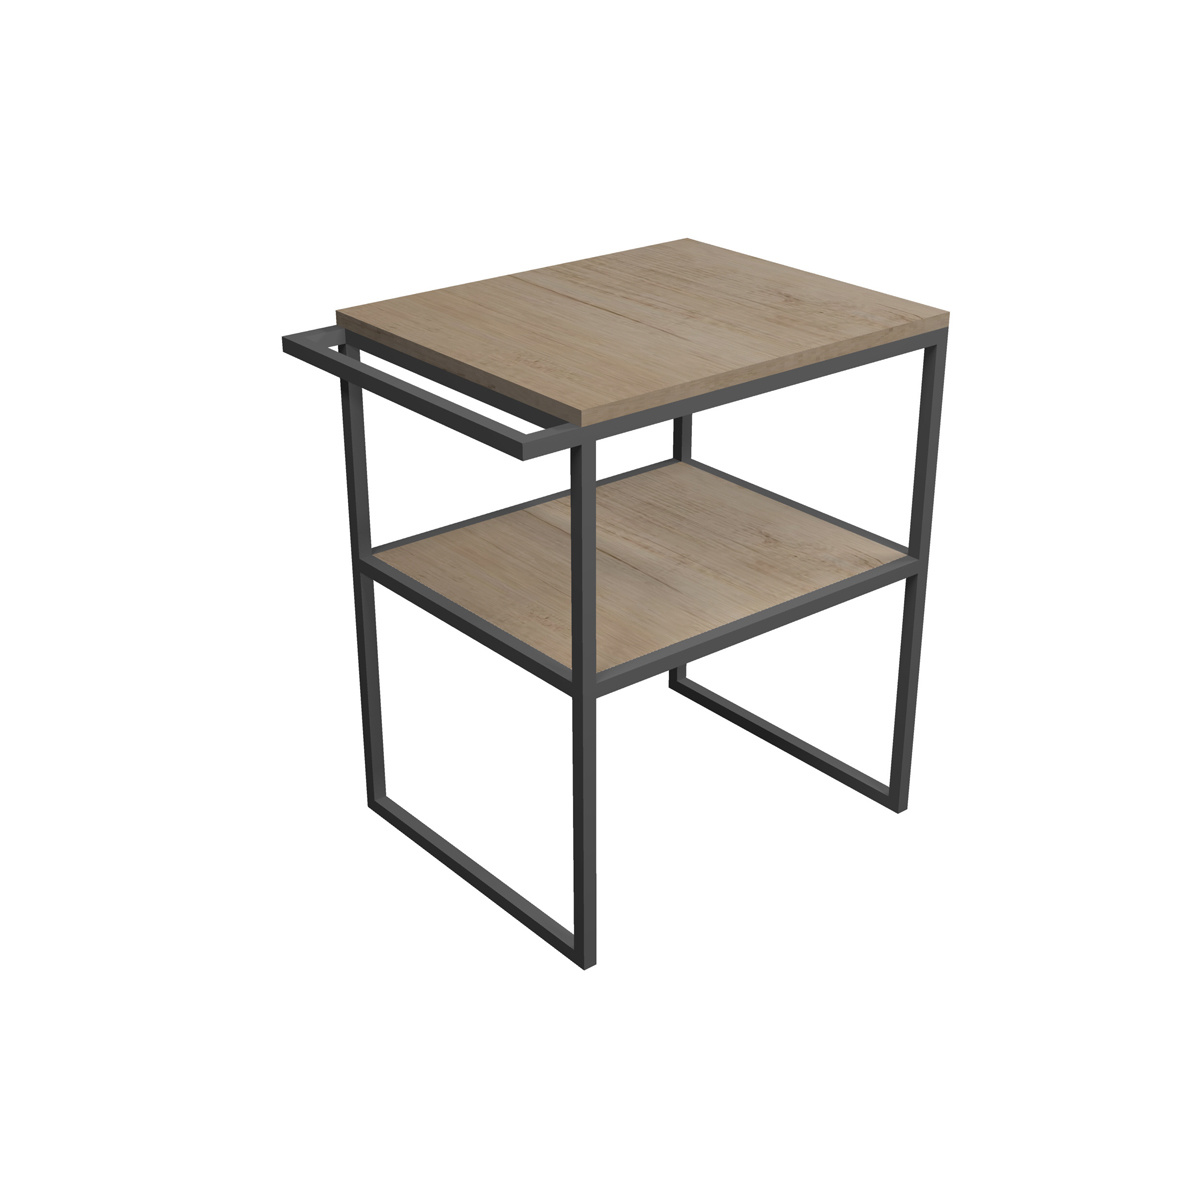 FRAME 90 cm AluminiumLavabostruktur mit Beinen und linkem Handtuchhalter